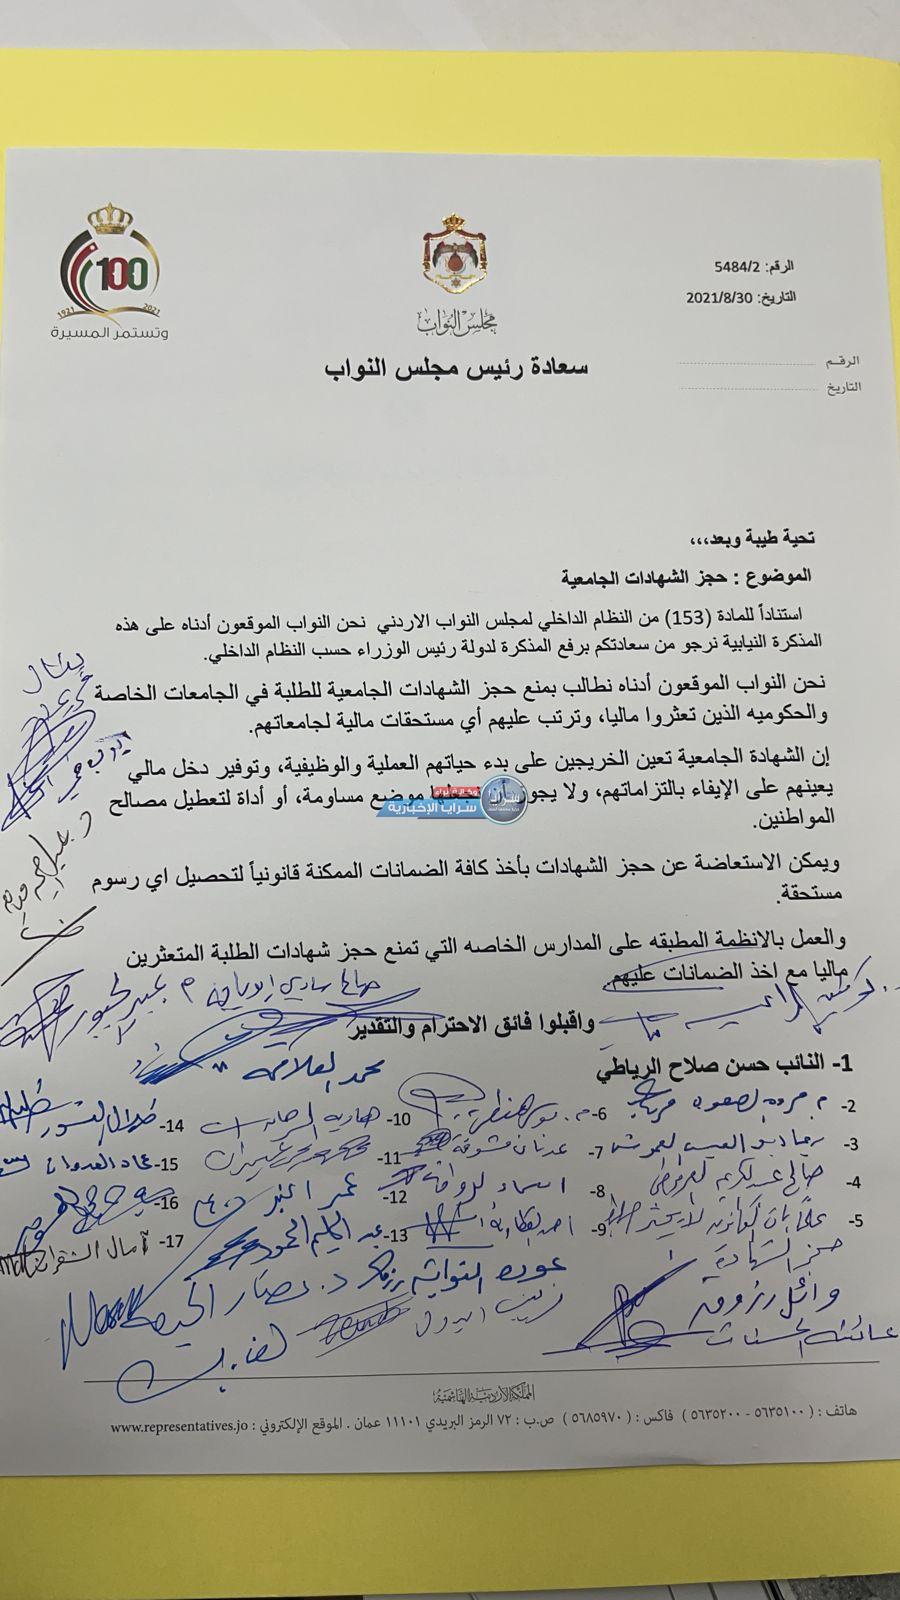 مذكرة نيابية تطالب بمنع حجز الشهادات الجامعية للطلبة المتعثرين ماليا ..  وثيقة